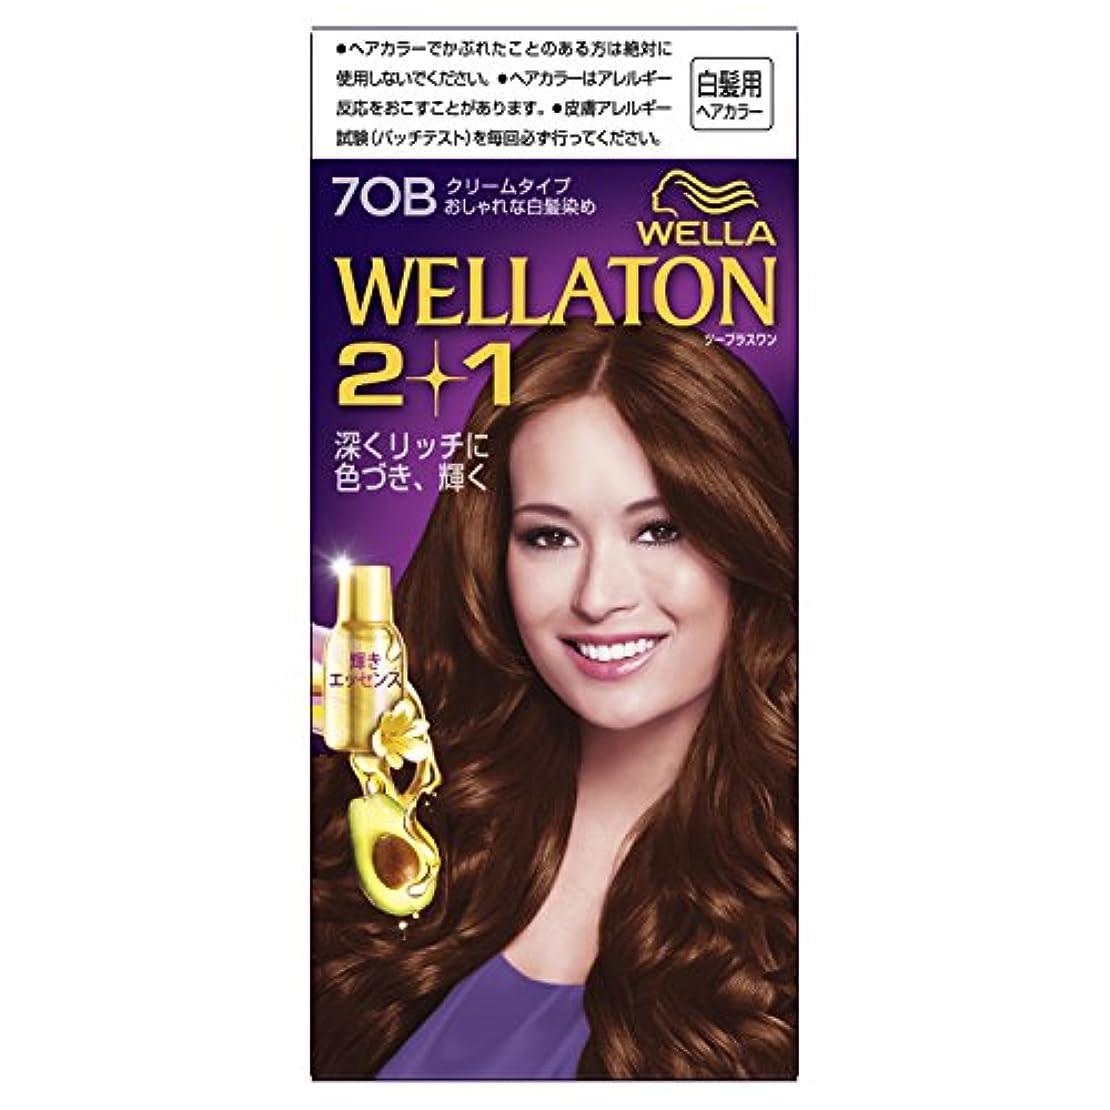 インフレーションクッション絶望ウエラトーン2+1 クリームタイプ 7OB [医薬部外品](おしゃれな白髪染め)